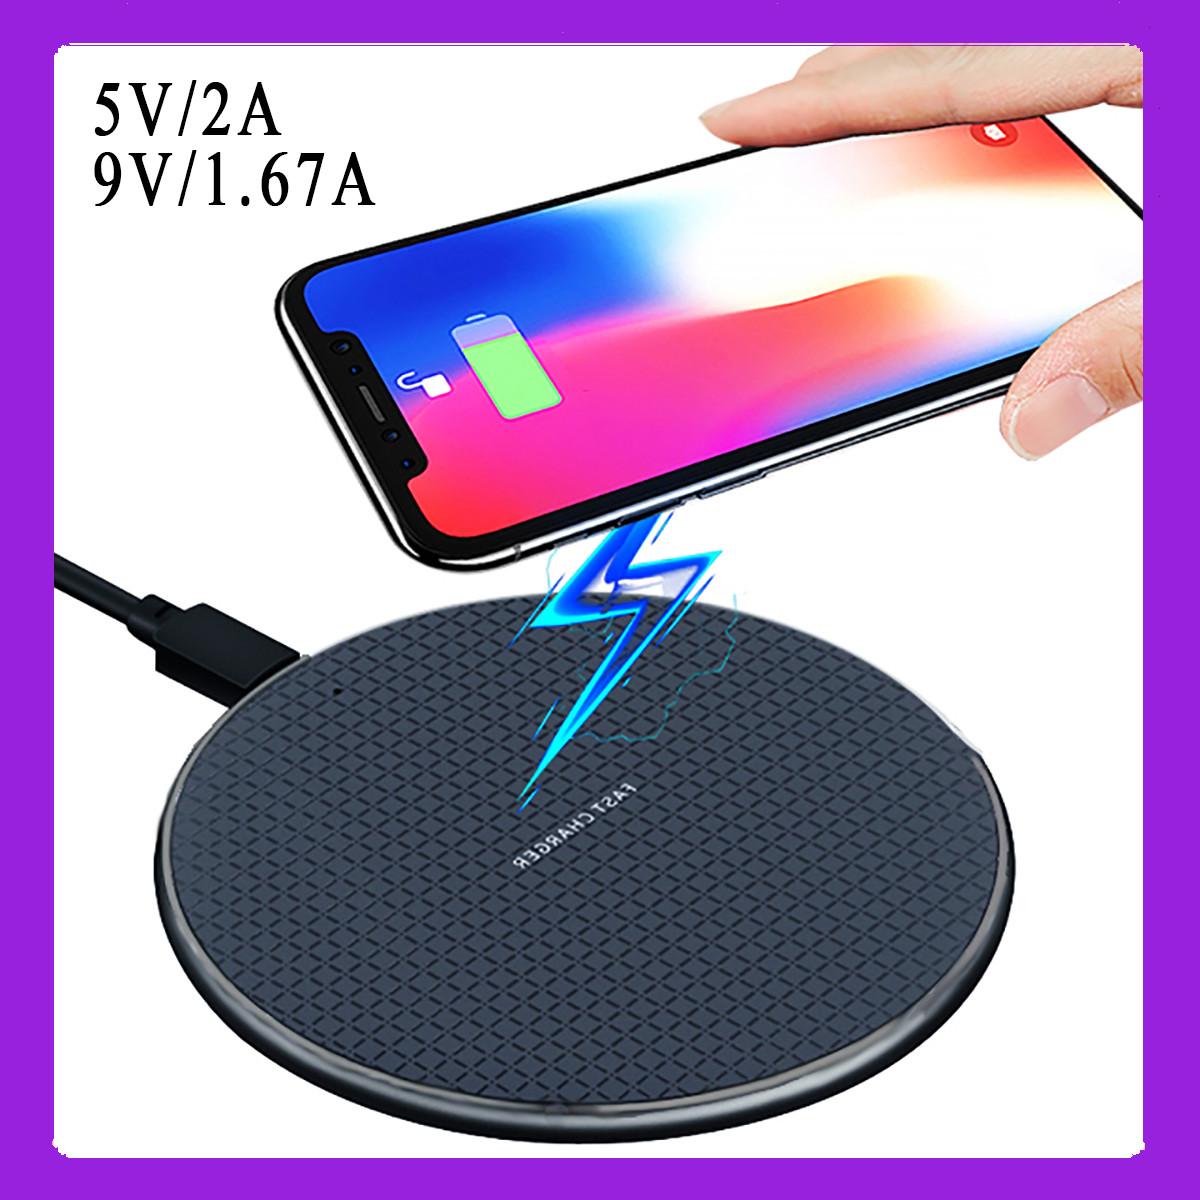 Беспроводная зарядка Wi-smart Fast 1 QI для телефона Iphone, Android с индикатором работы. 10W